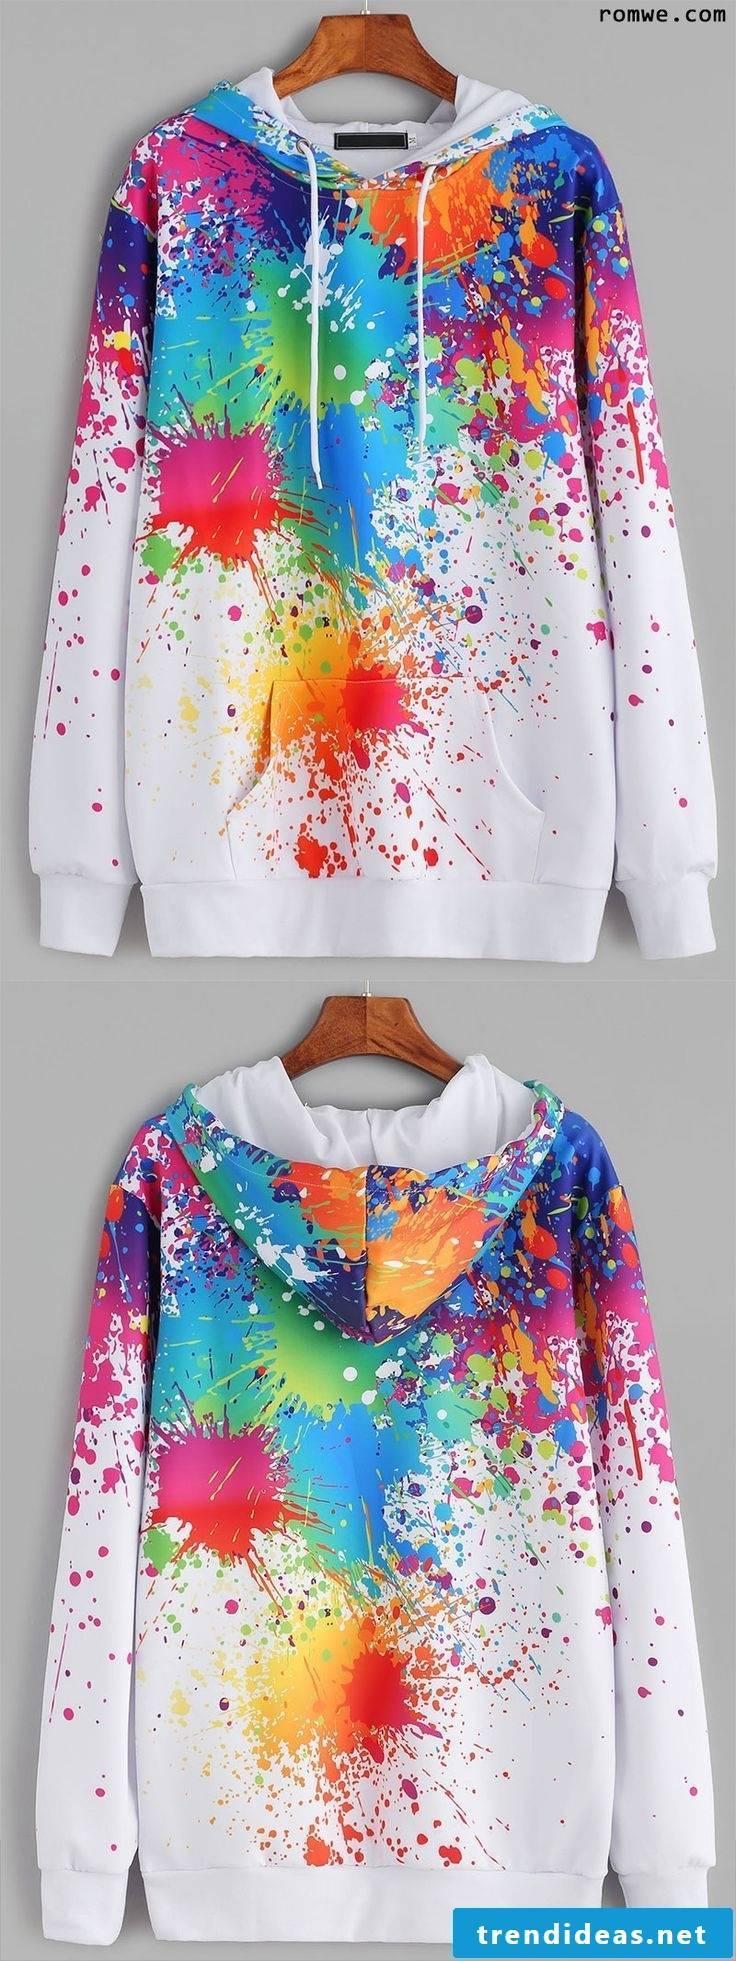 T shirt color with textile color